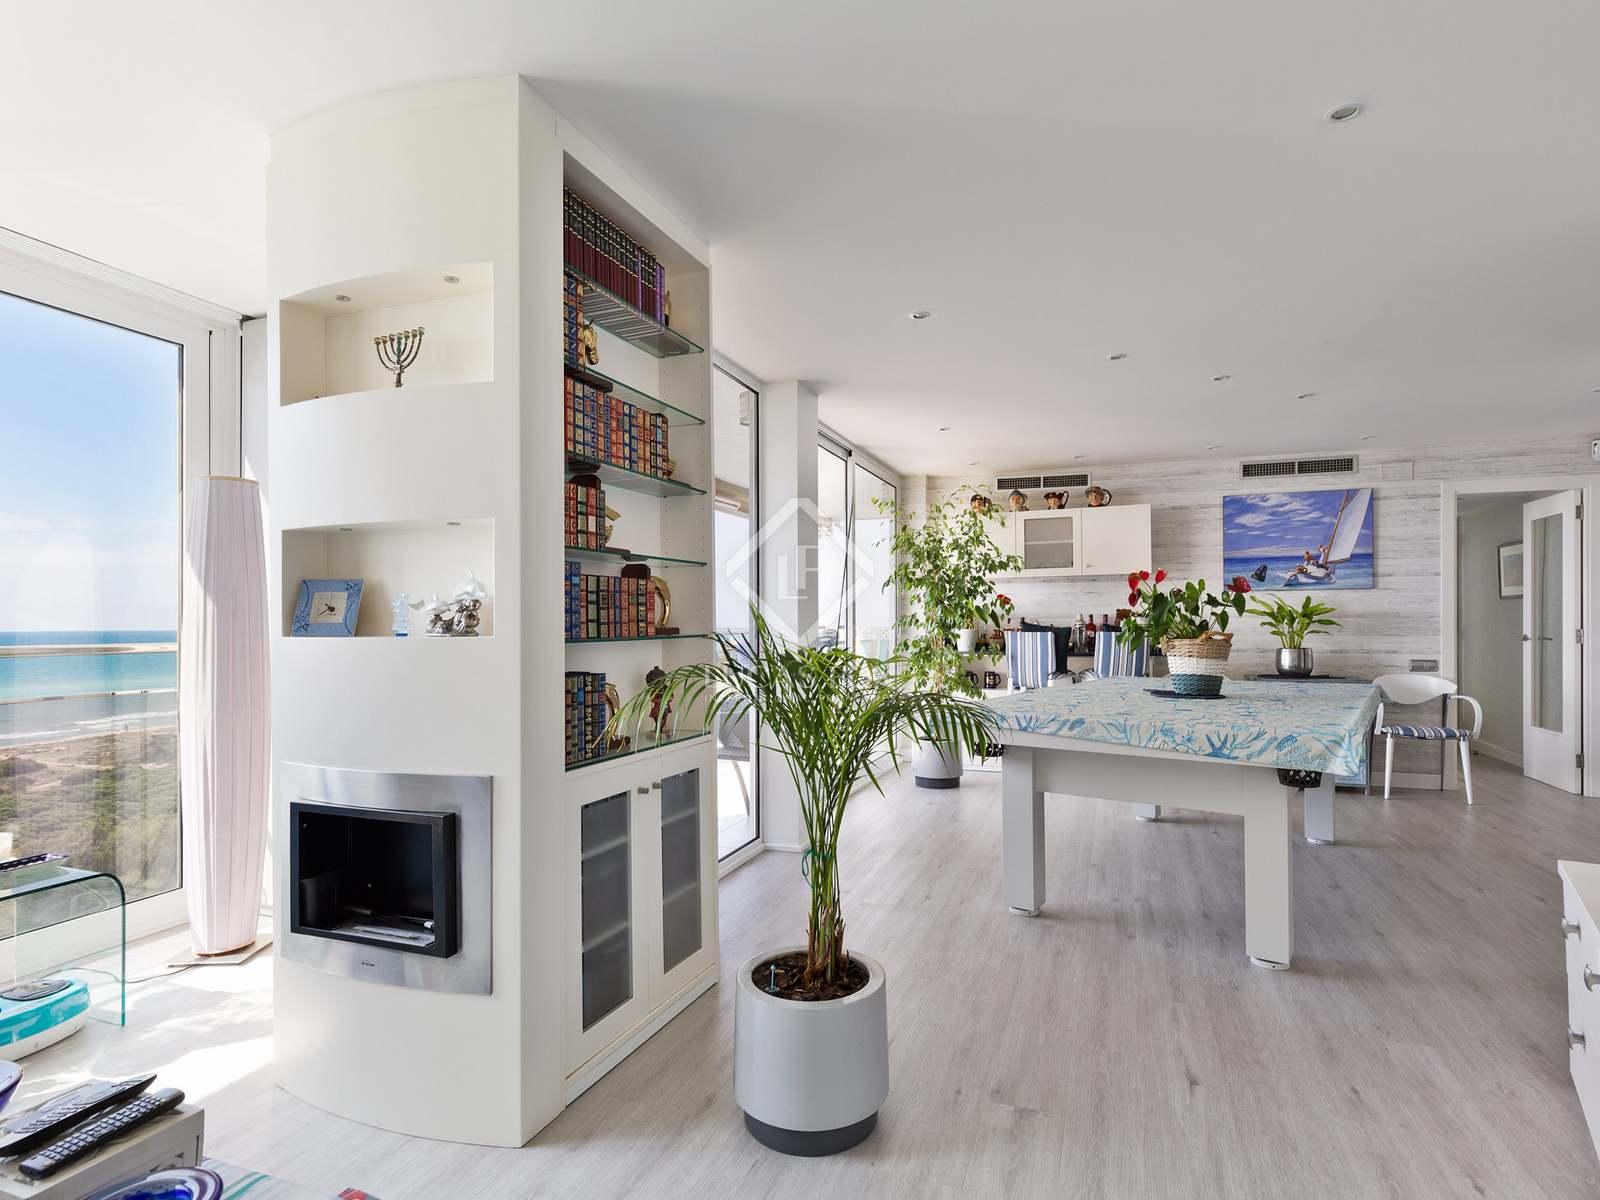 Sala de estar : Imagen de la vivienda